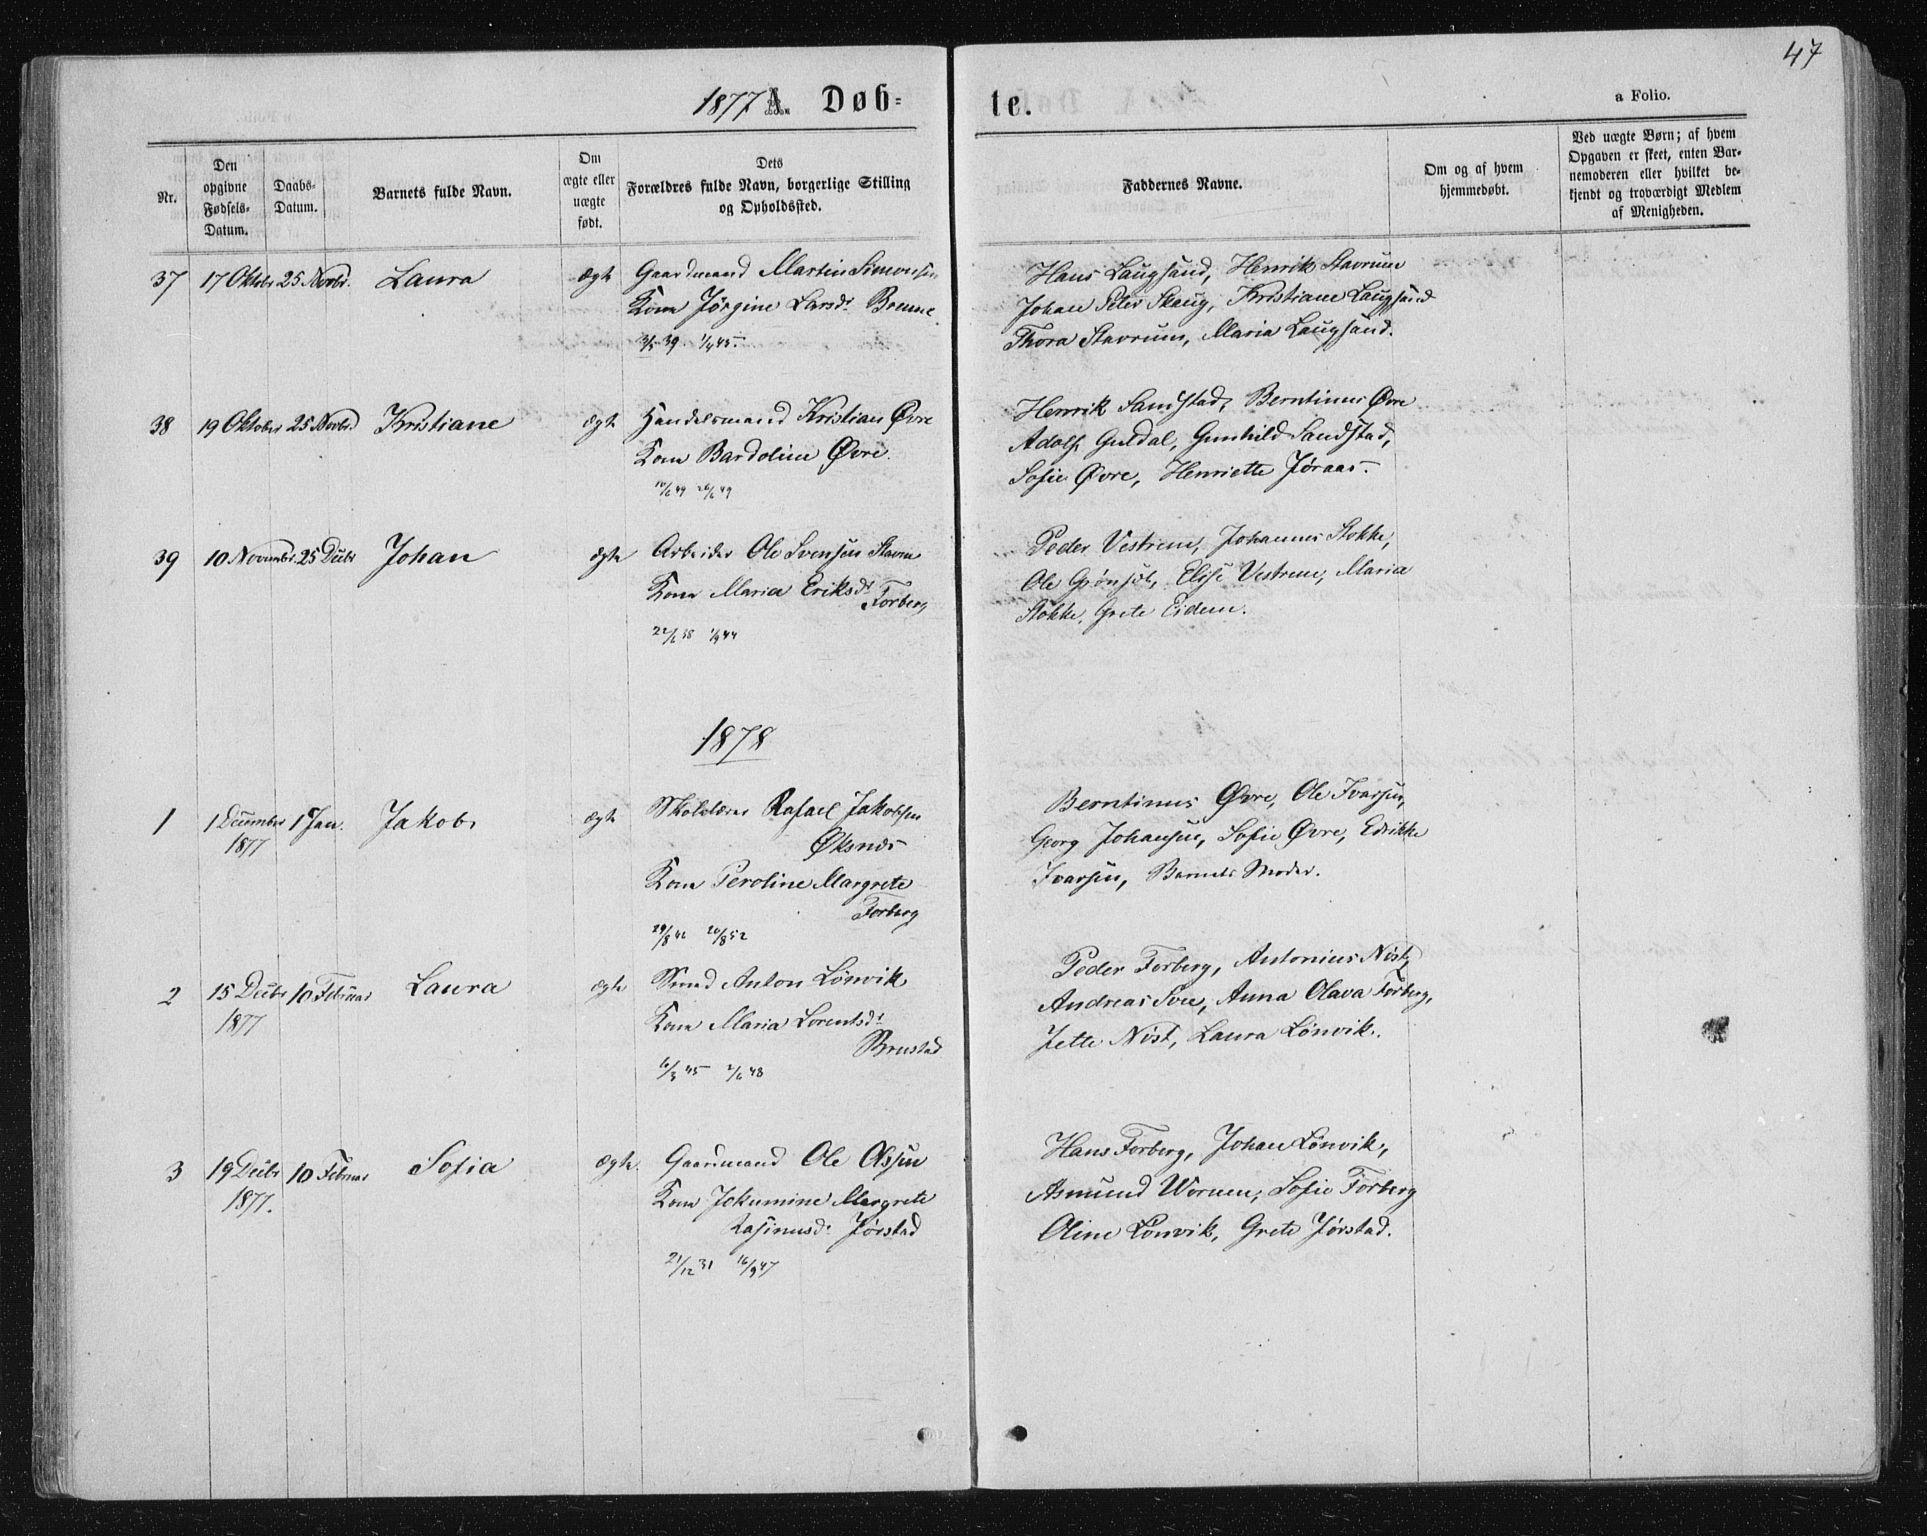 SAT, Ministerialprotokoller, klokkerbøker og fødselsregistre - Nord-Trøndelag, 722/L0219: Ministerialbok nr. 722A06, 1868-1880, s. 47